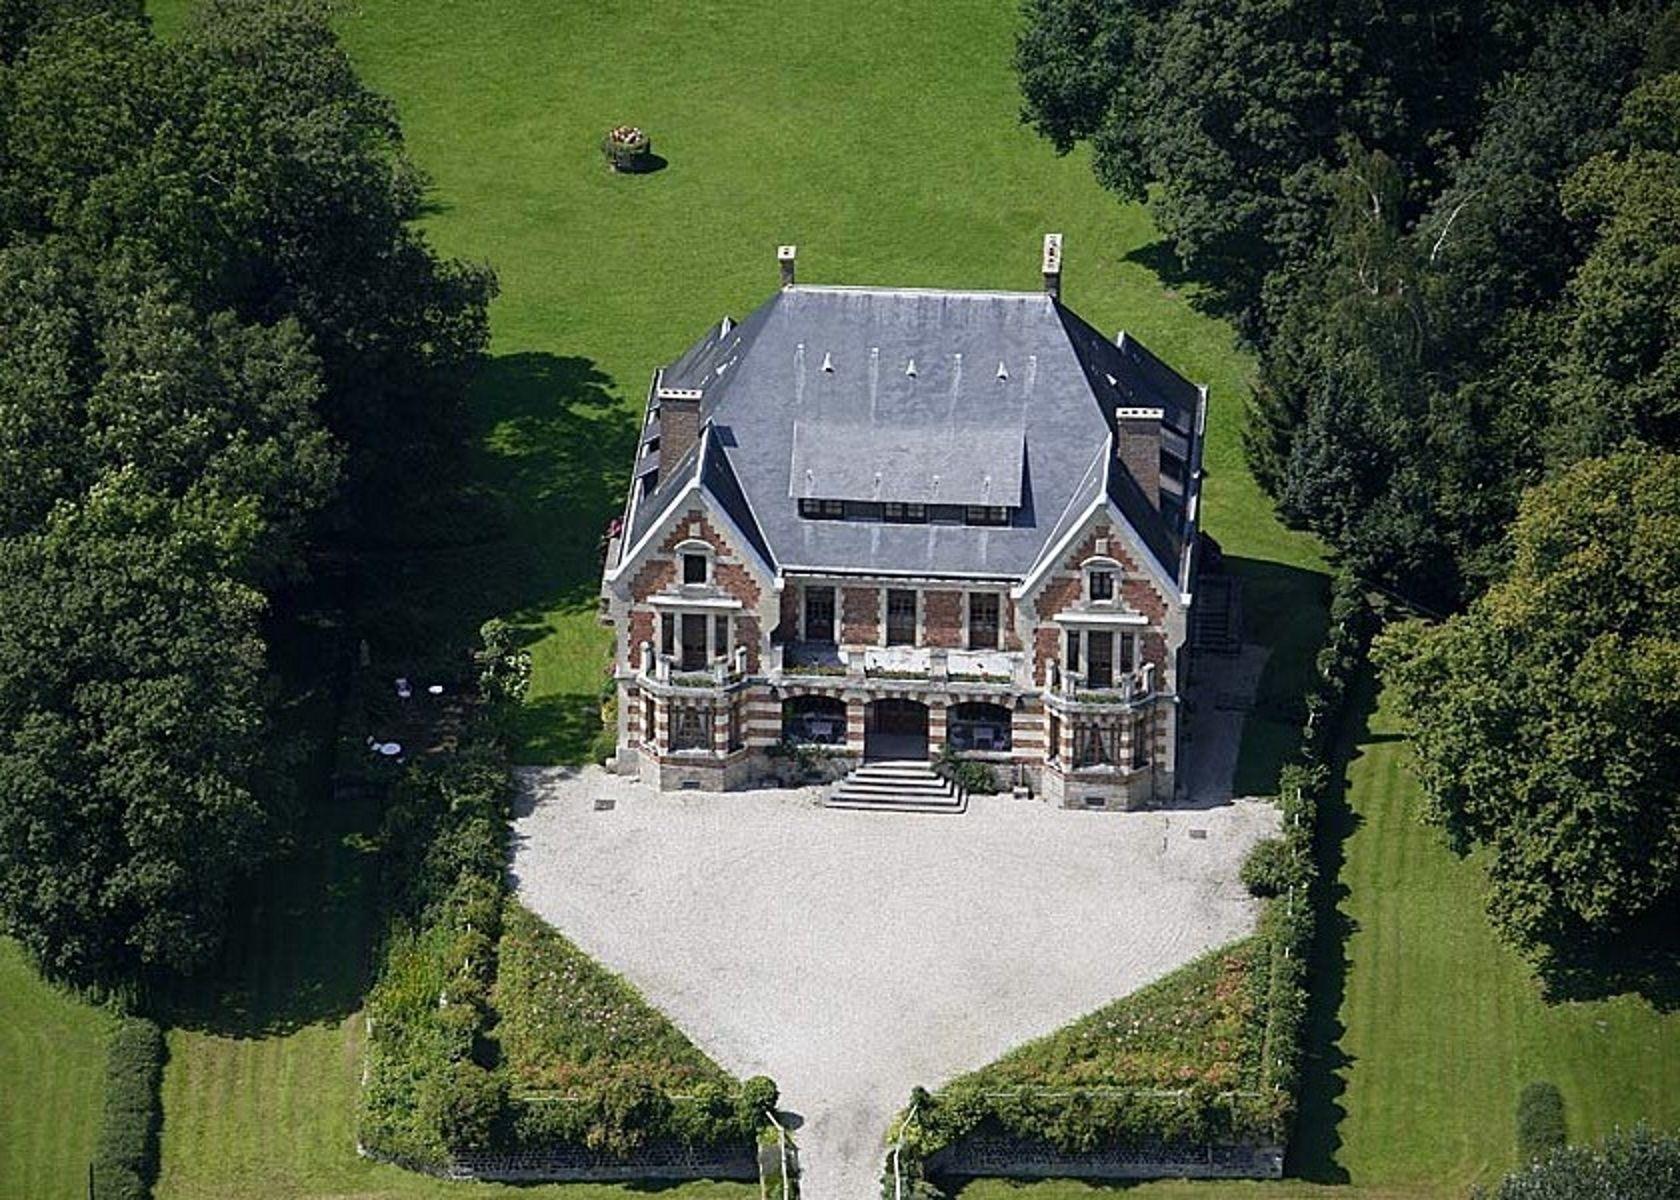 Clos Barthelemy Chateau Location Maison Style Chateau Lieu Mariage